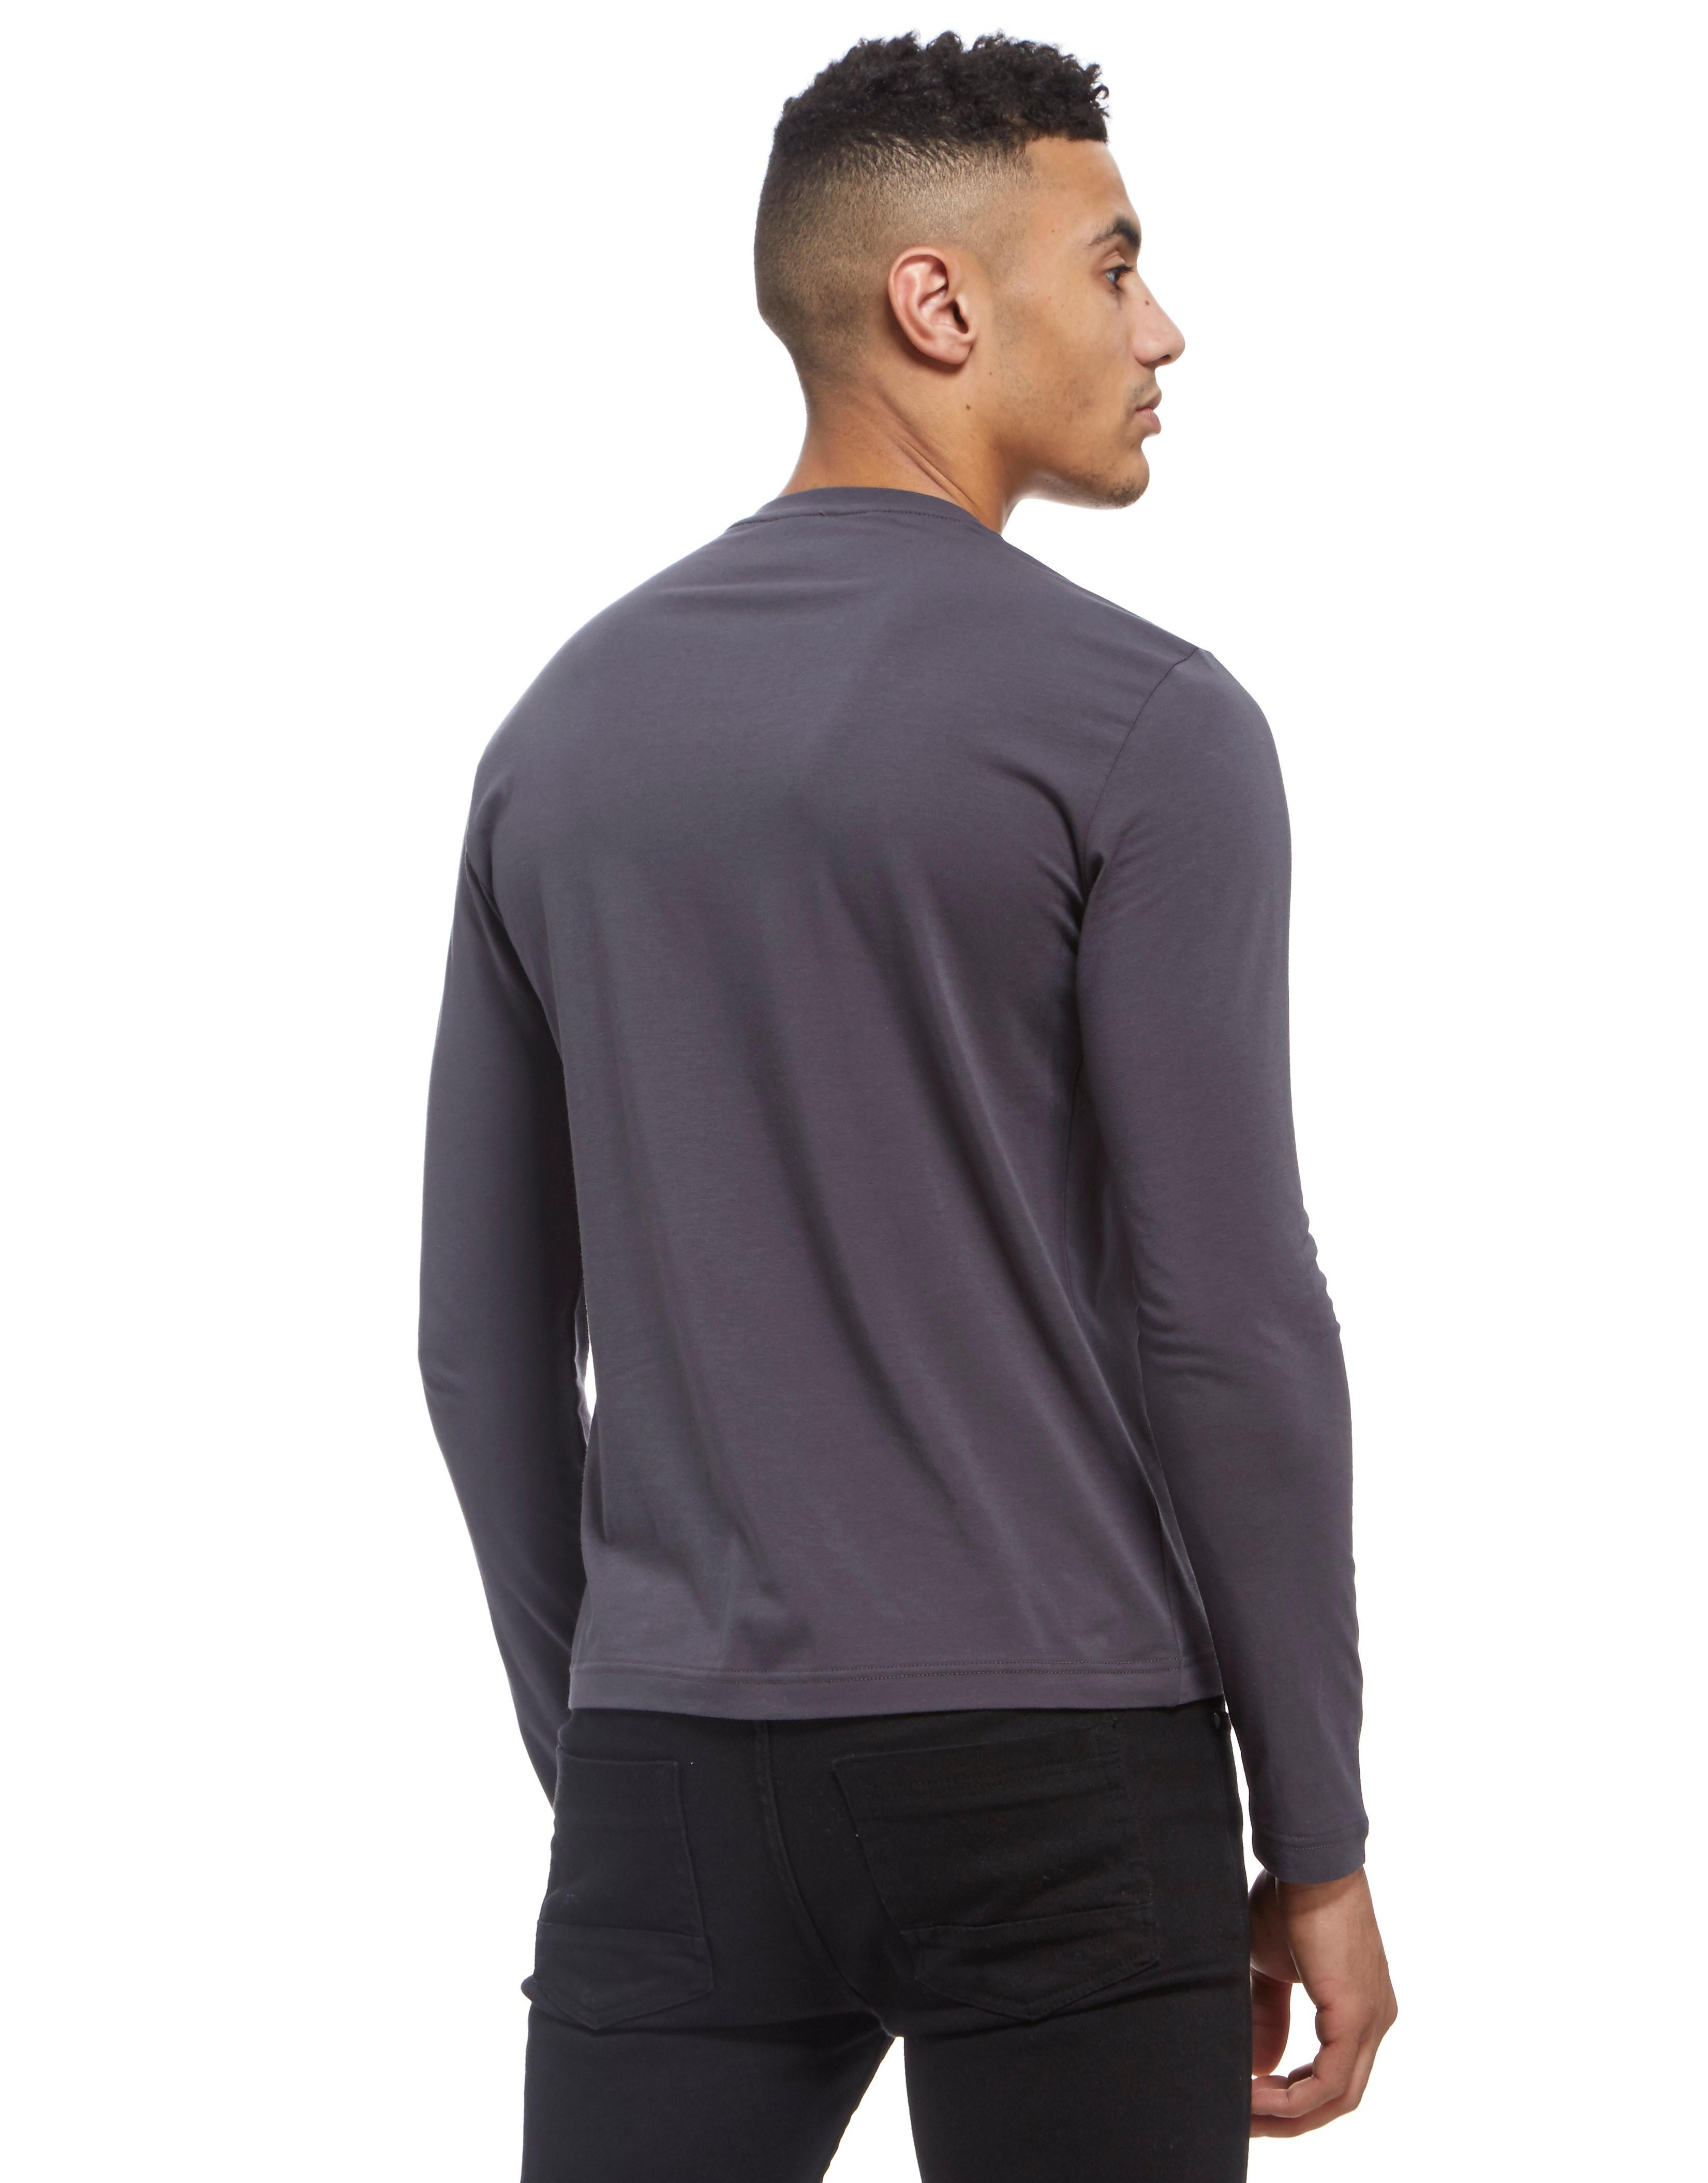 Emporio Armani EA7 7 Lines Long Sleeve T-Shirt